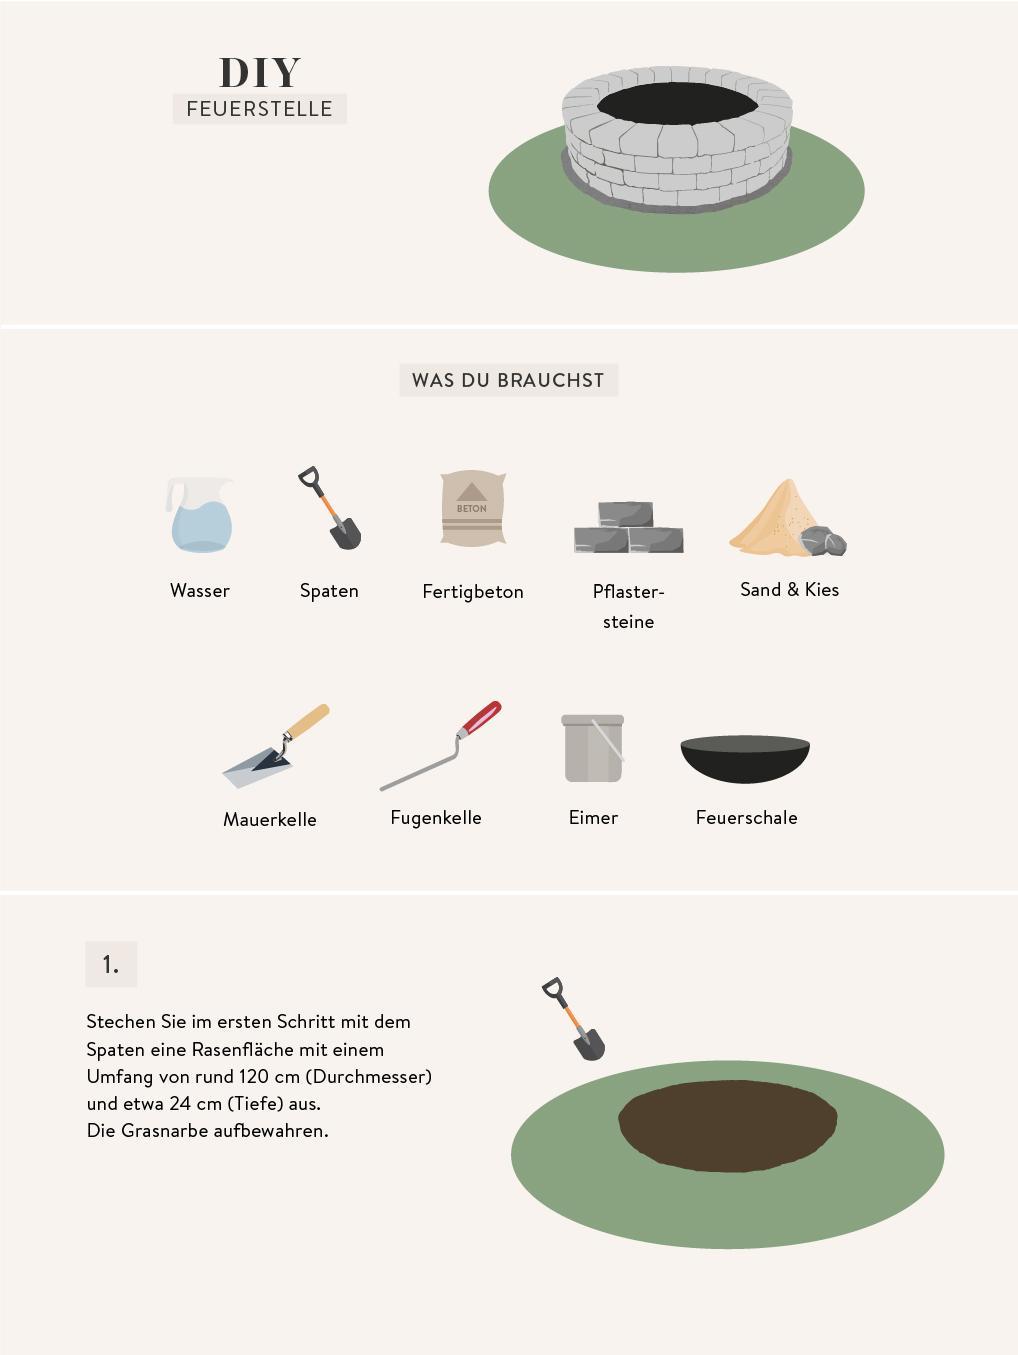 Anleitung Feuerstelle bauen